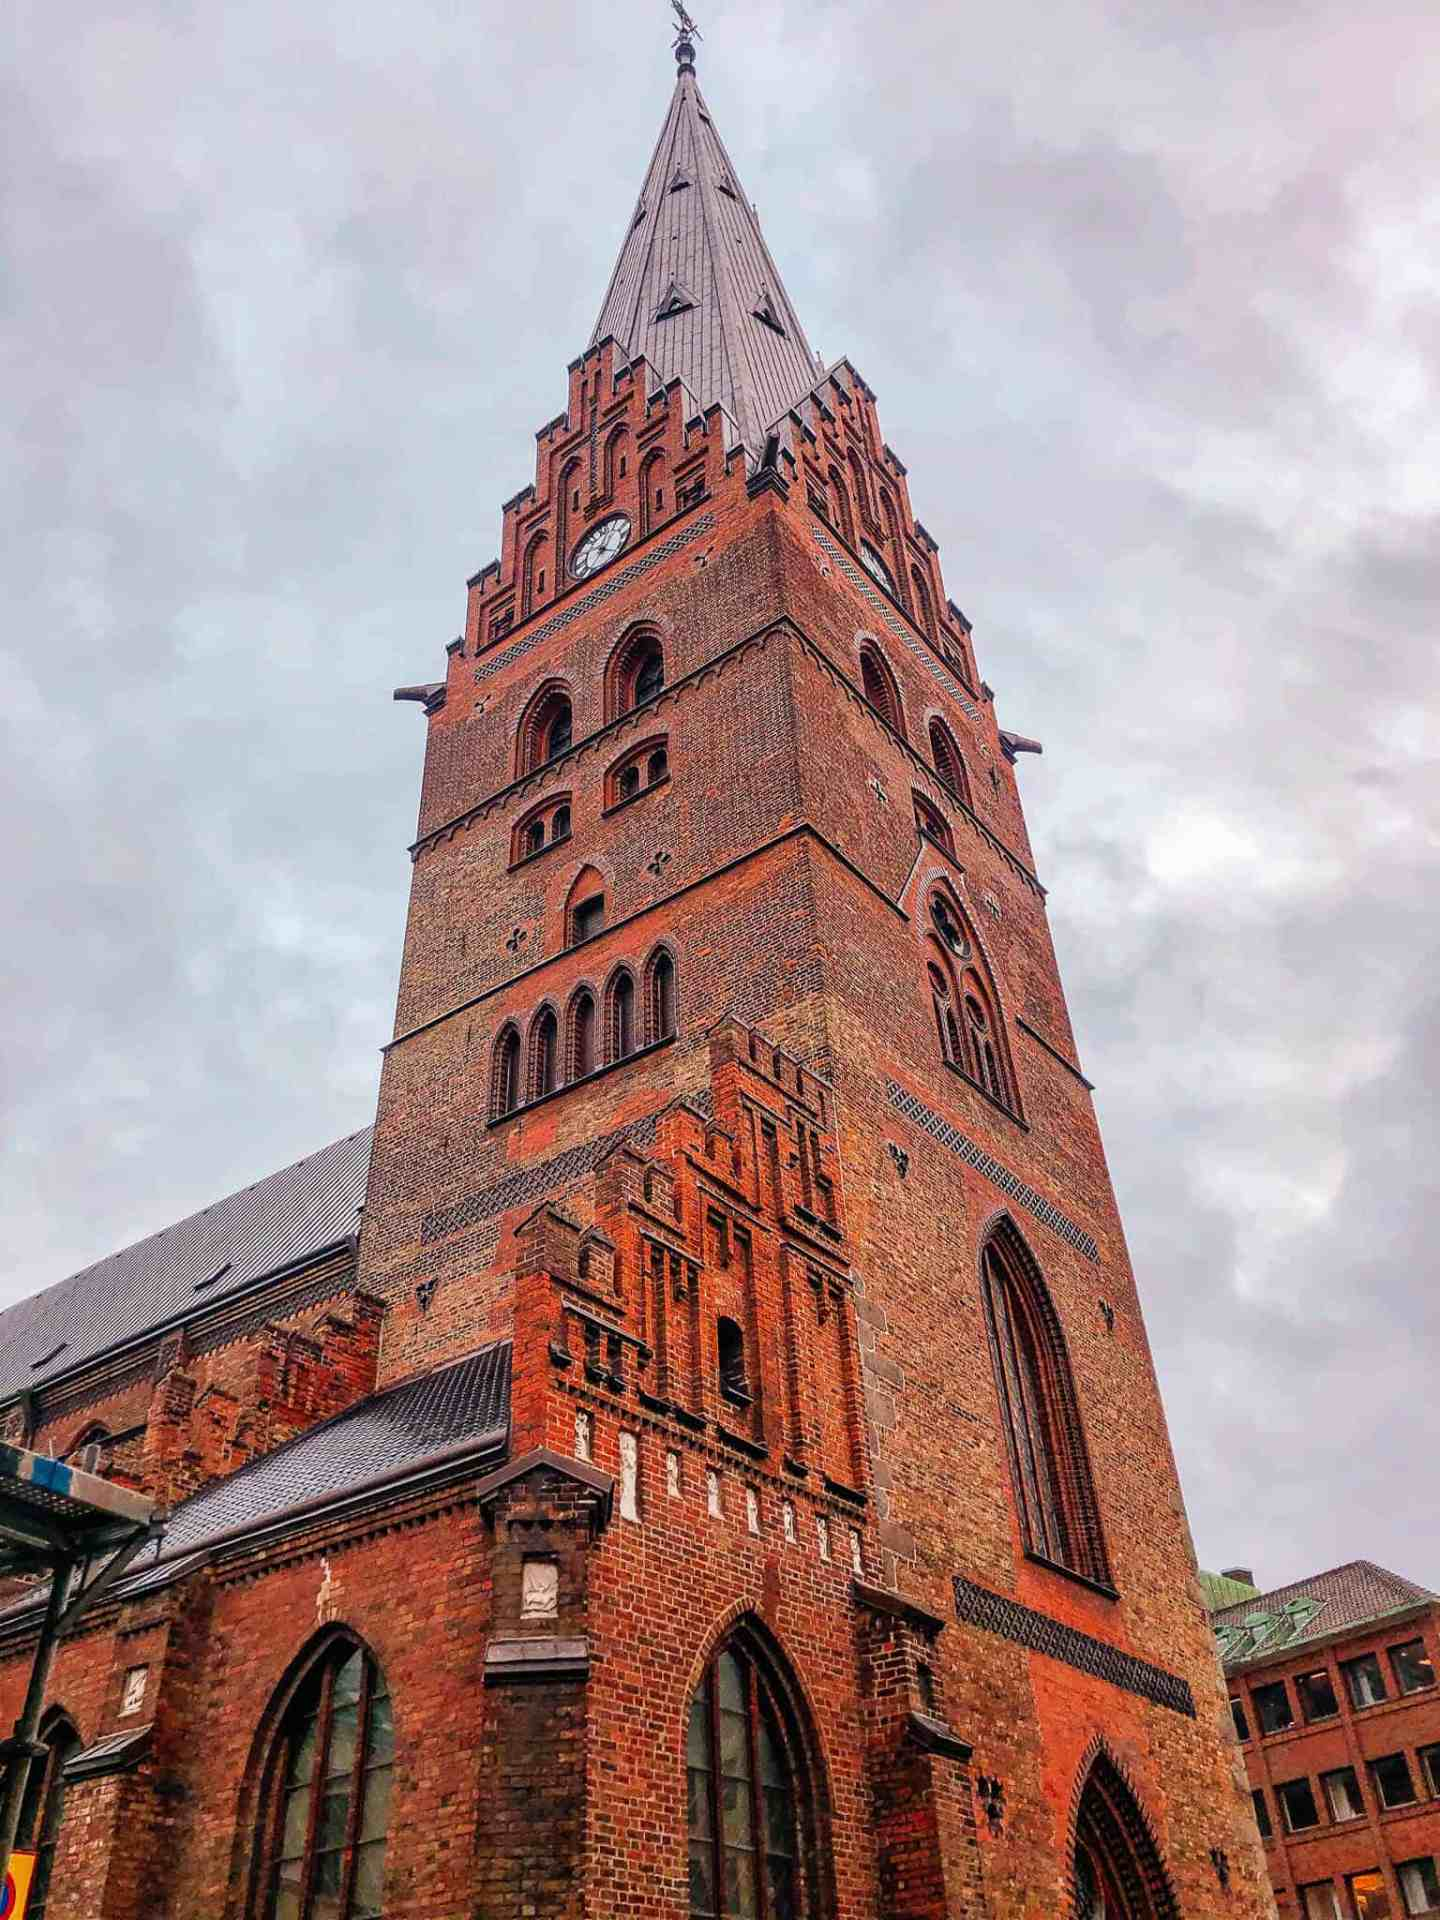 Copenhagen to malmo - brown church spire